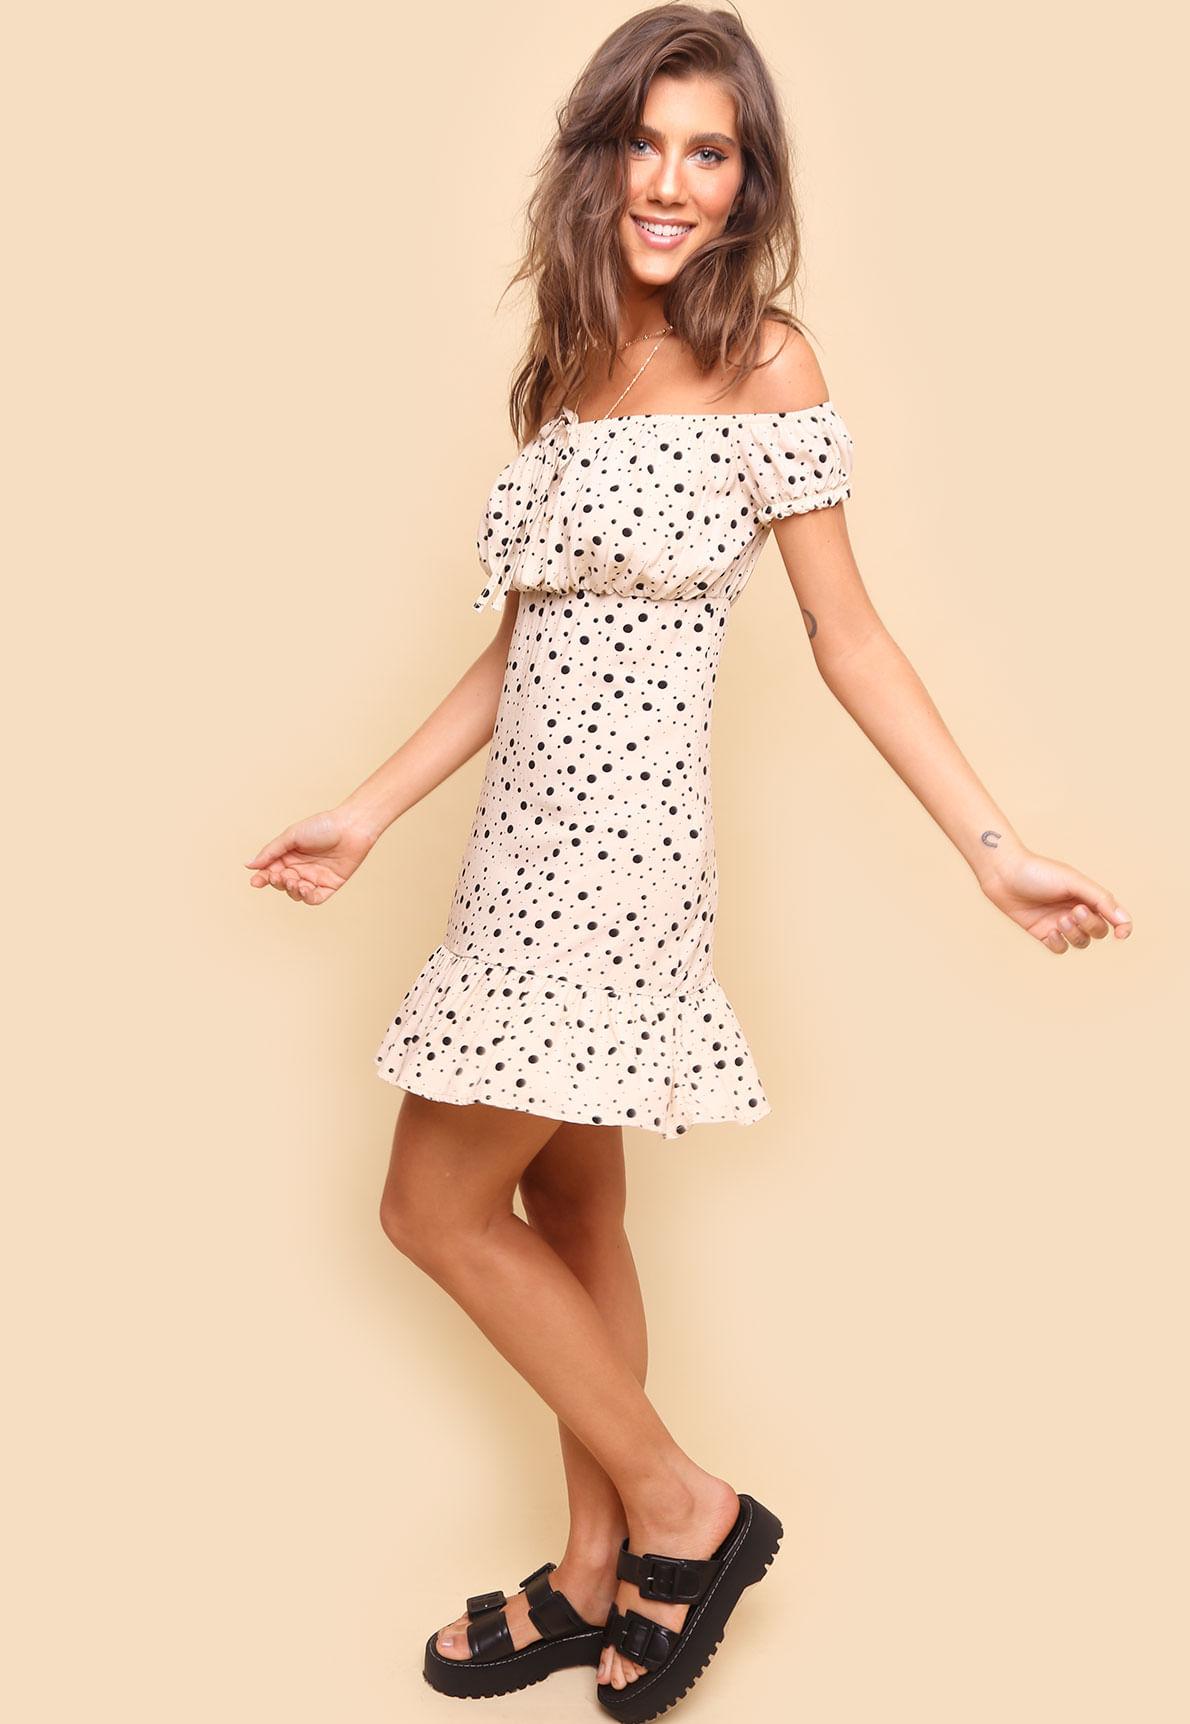 31487-vestido-cice-05